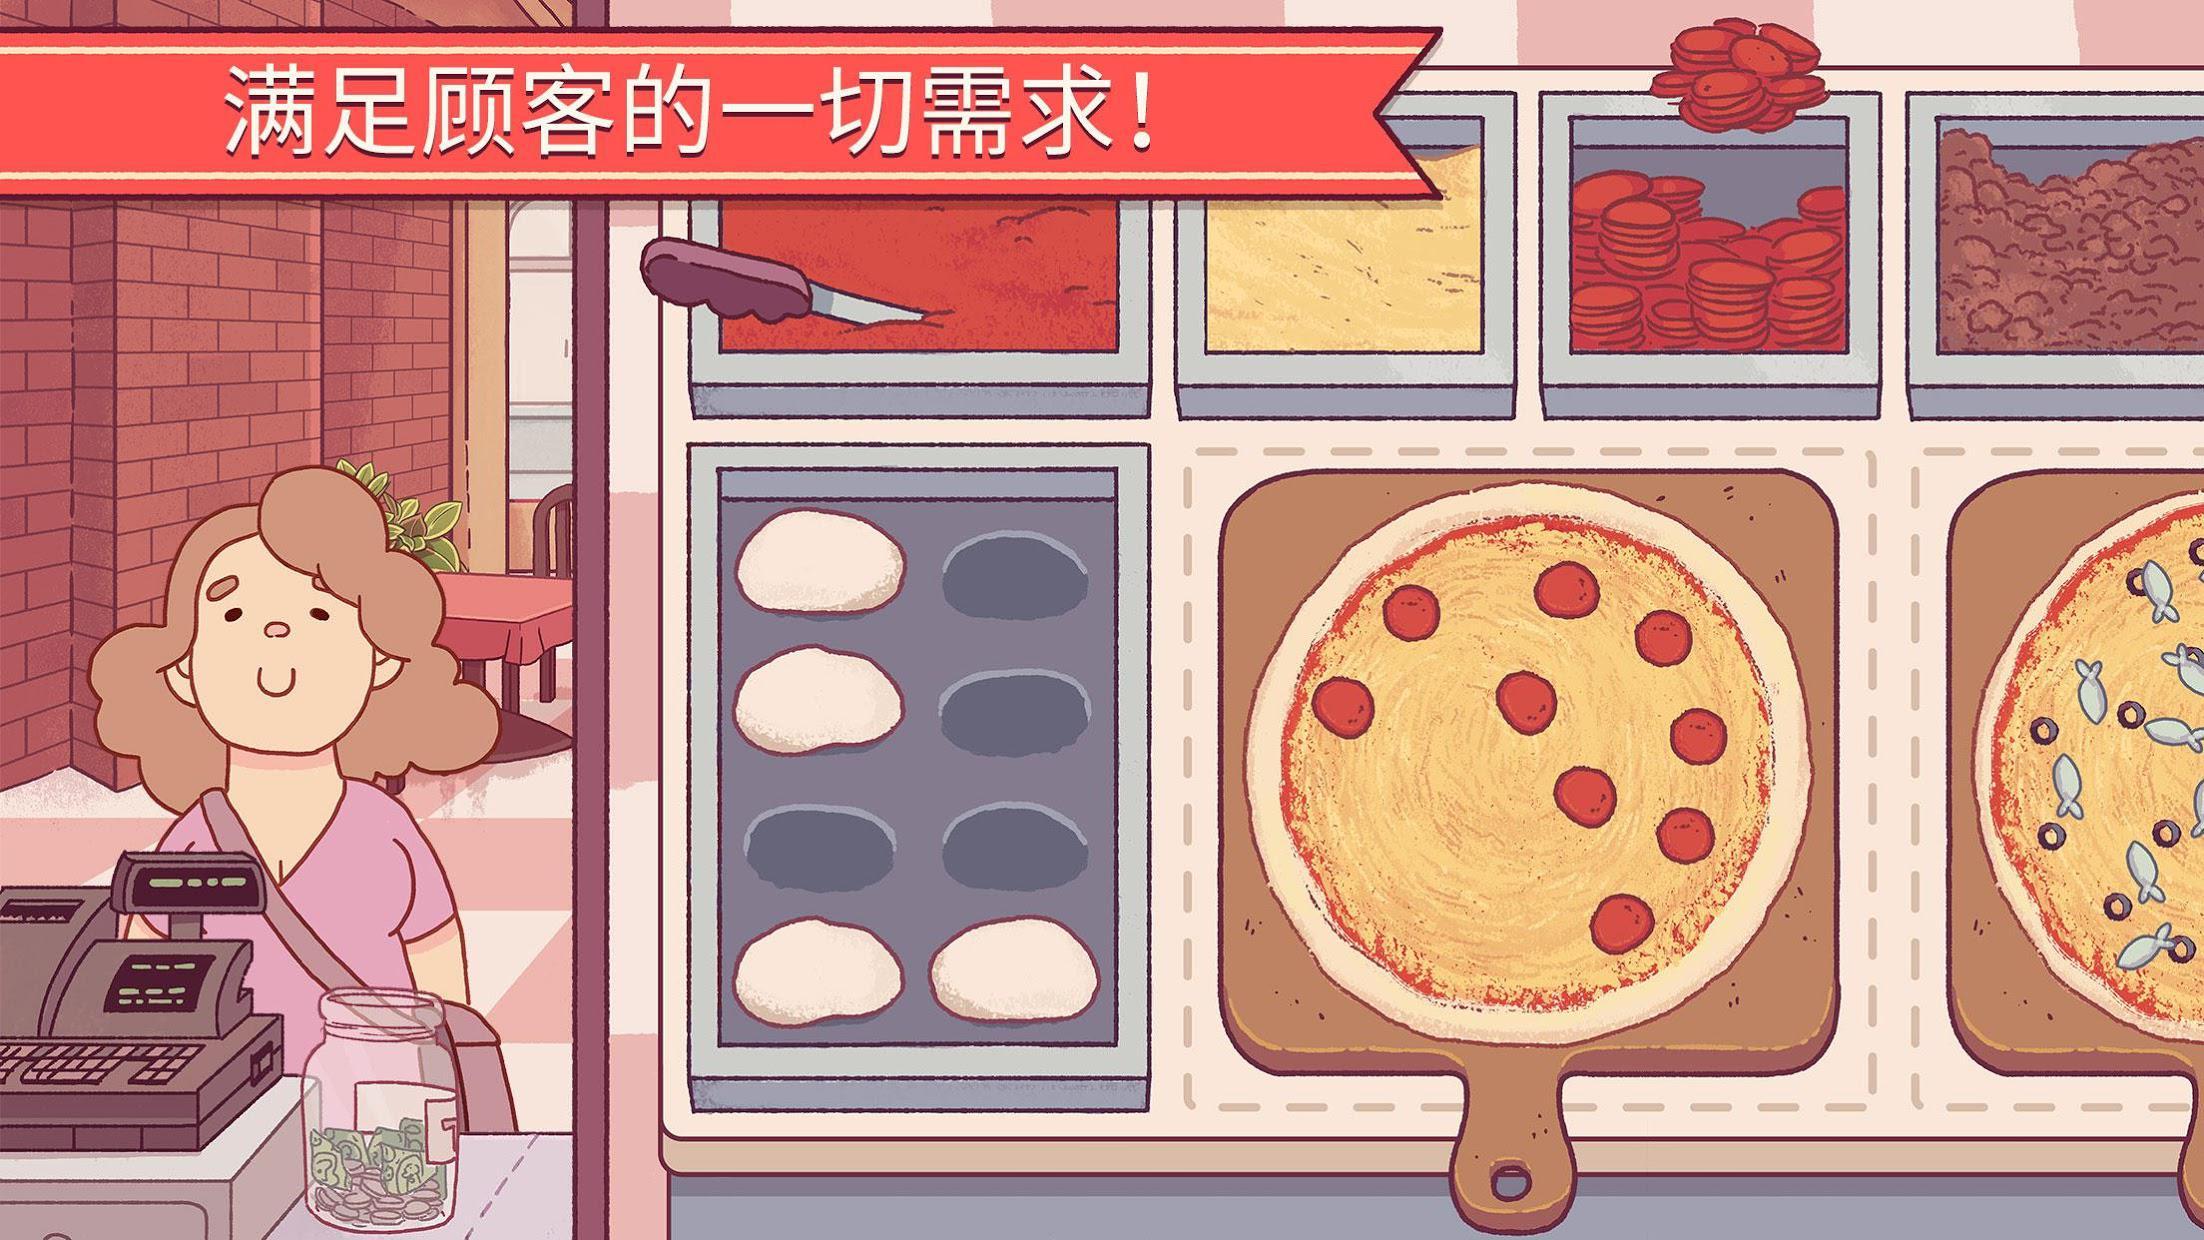 为什么可口的披萨,美味的披萨闪退